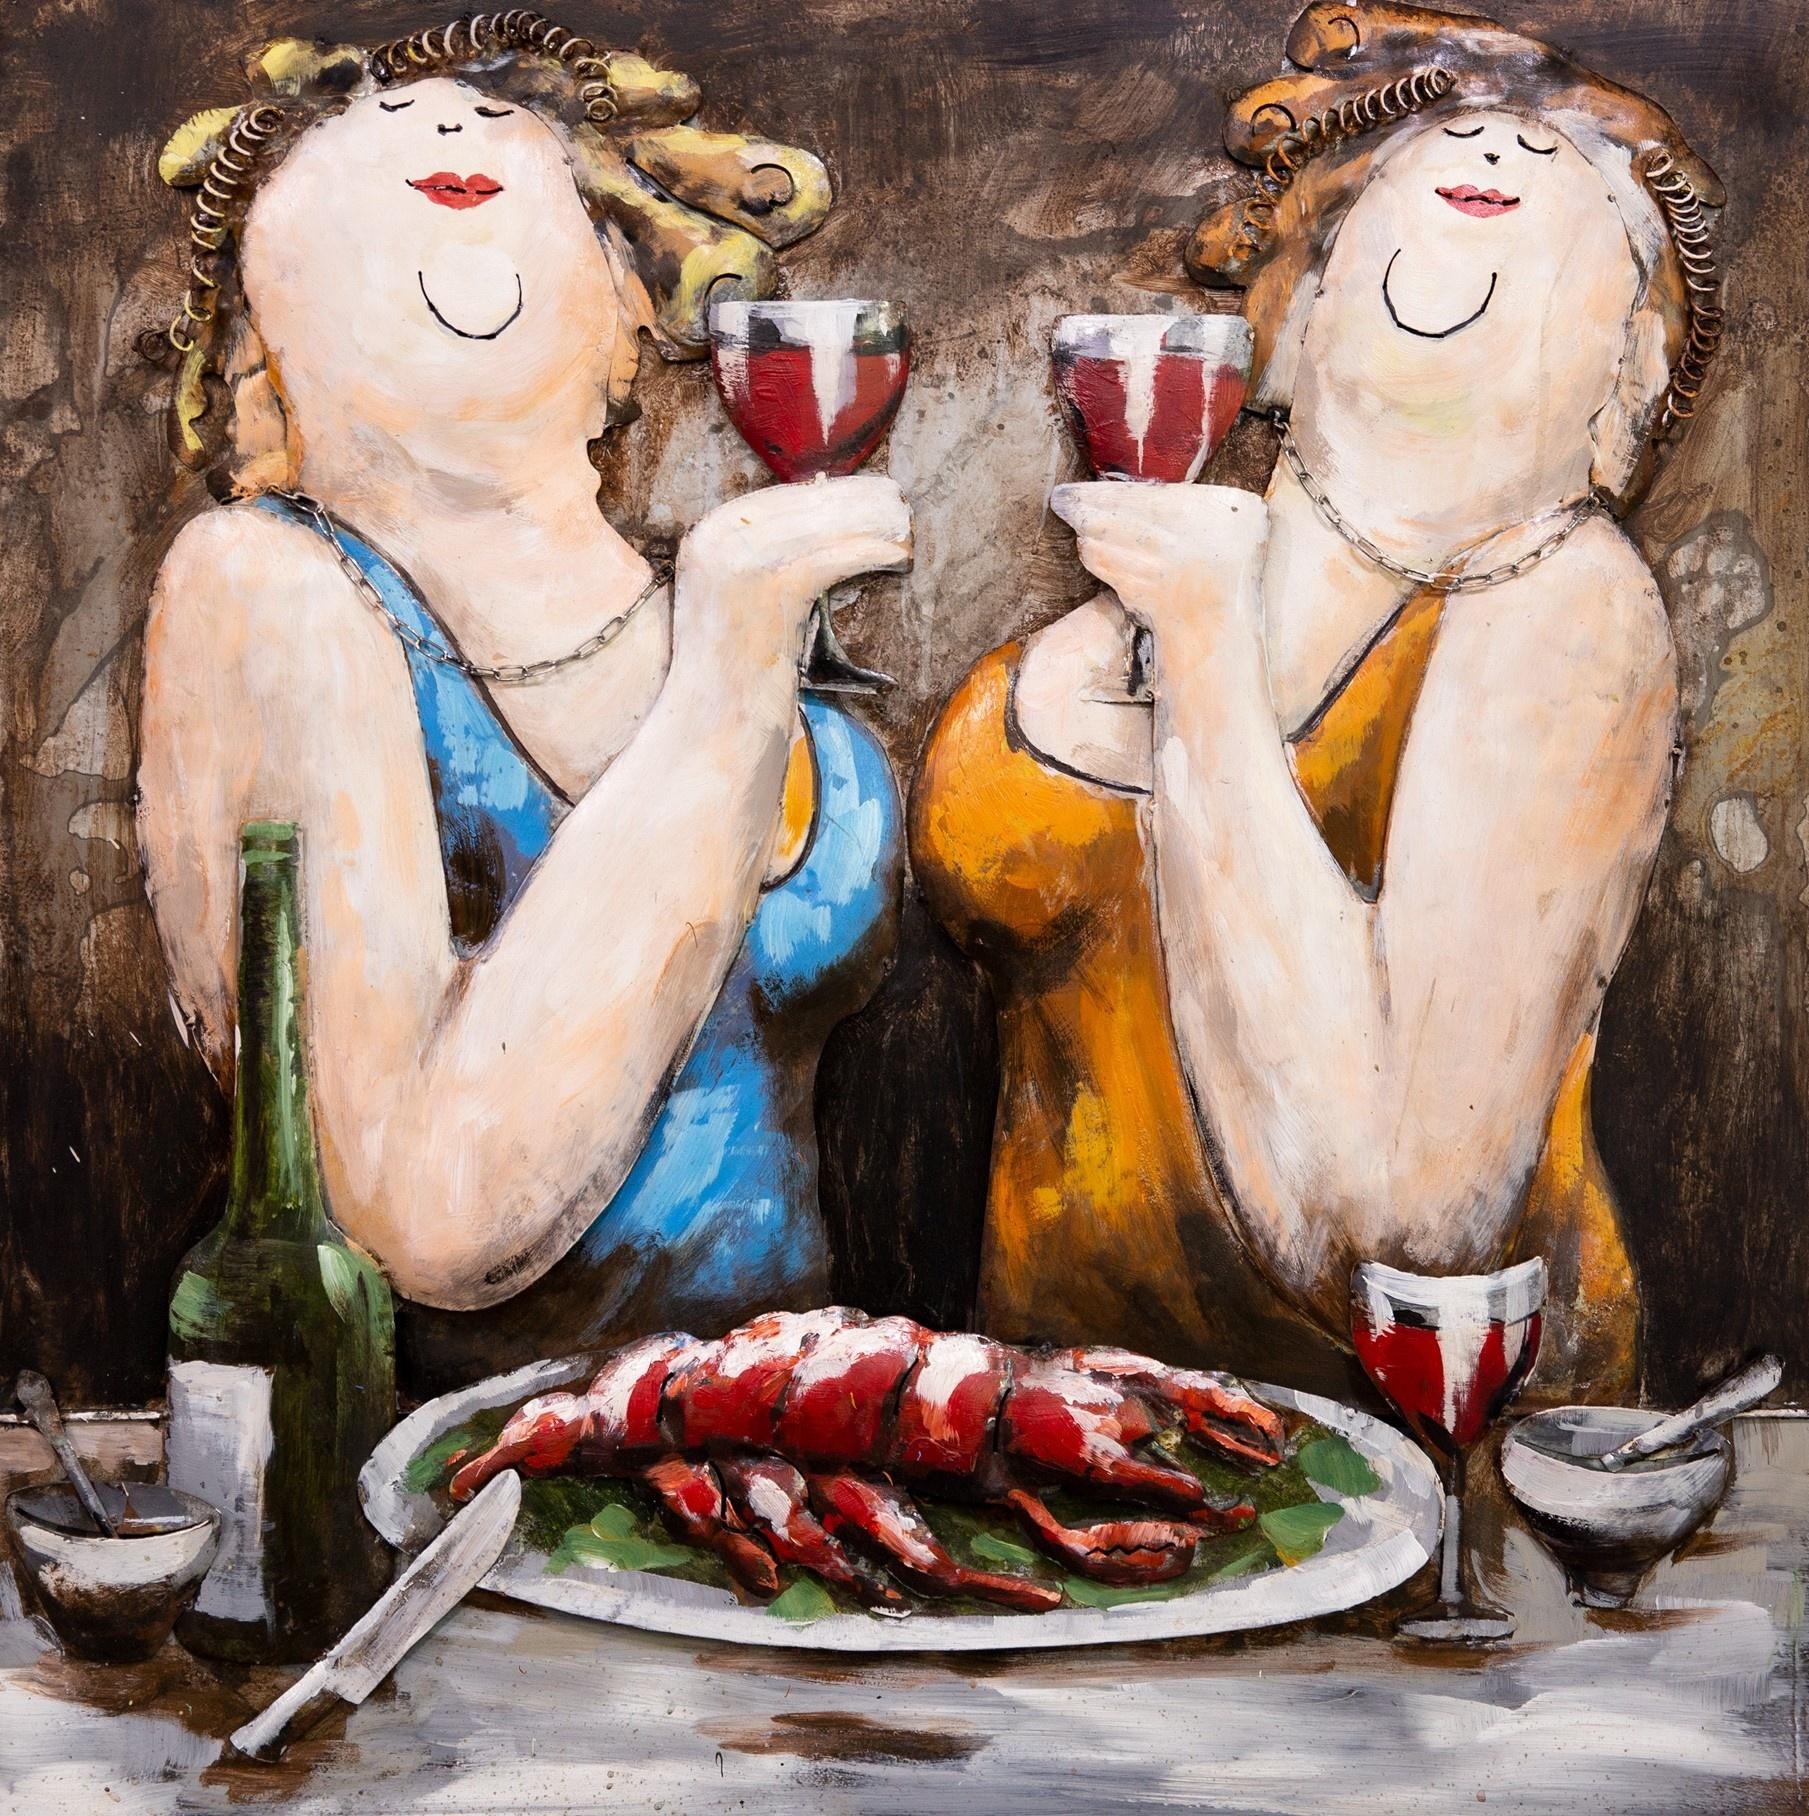 Schilderij - Metaalschilderij - Dikke dames en de gezelligheid, metaal met de hand geschilderd, 2 ma